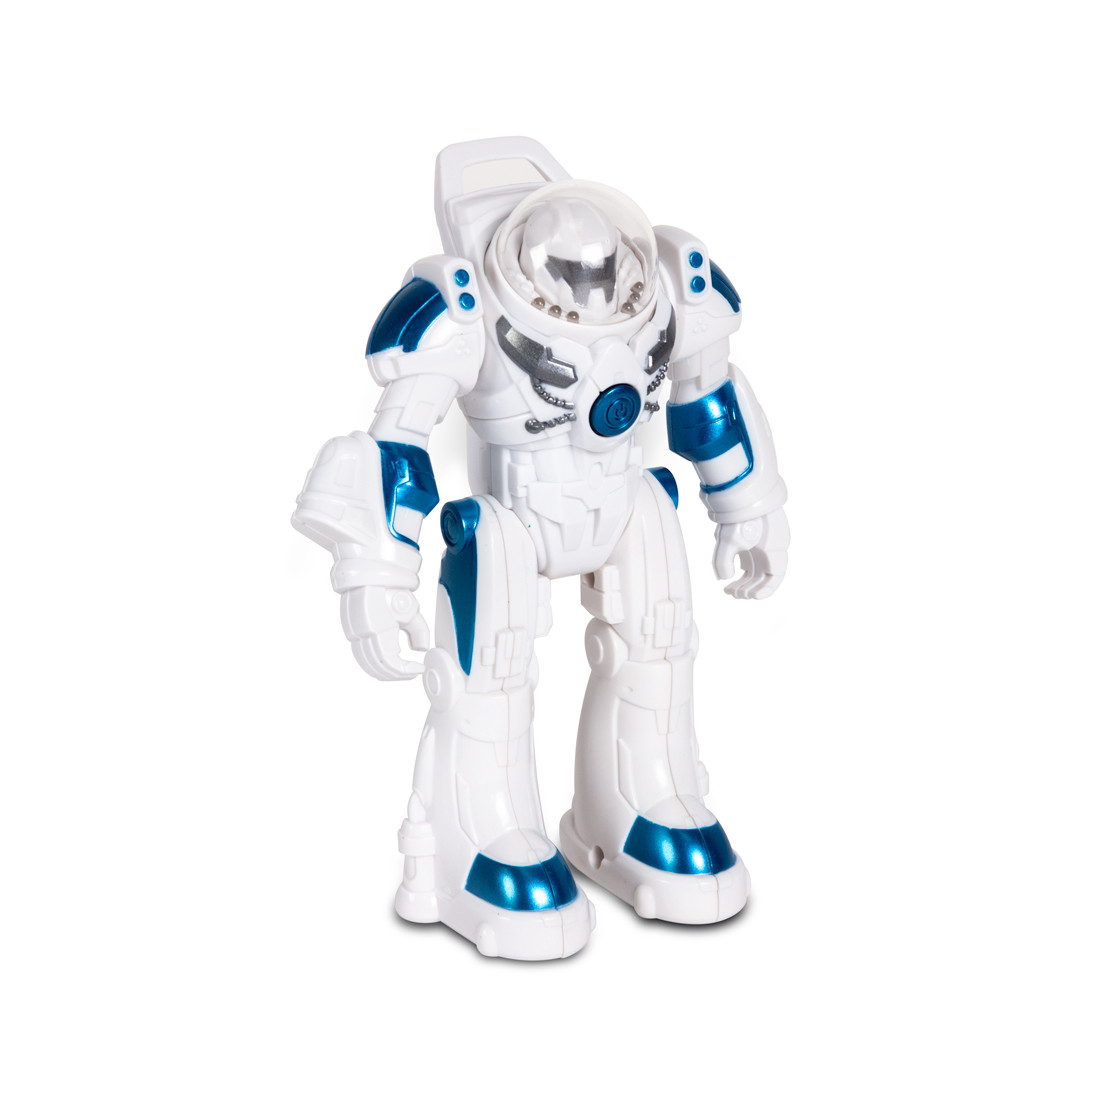 Радиоуправляемый Робот RASTAR 77100W 1:32 RS MINI Robot Spaceman Свет Музыка Движущиеся съемные руки и ноги